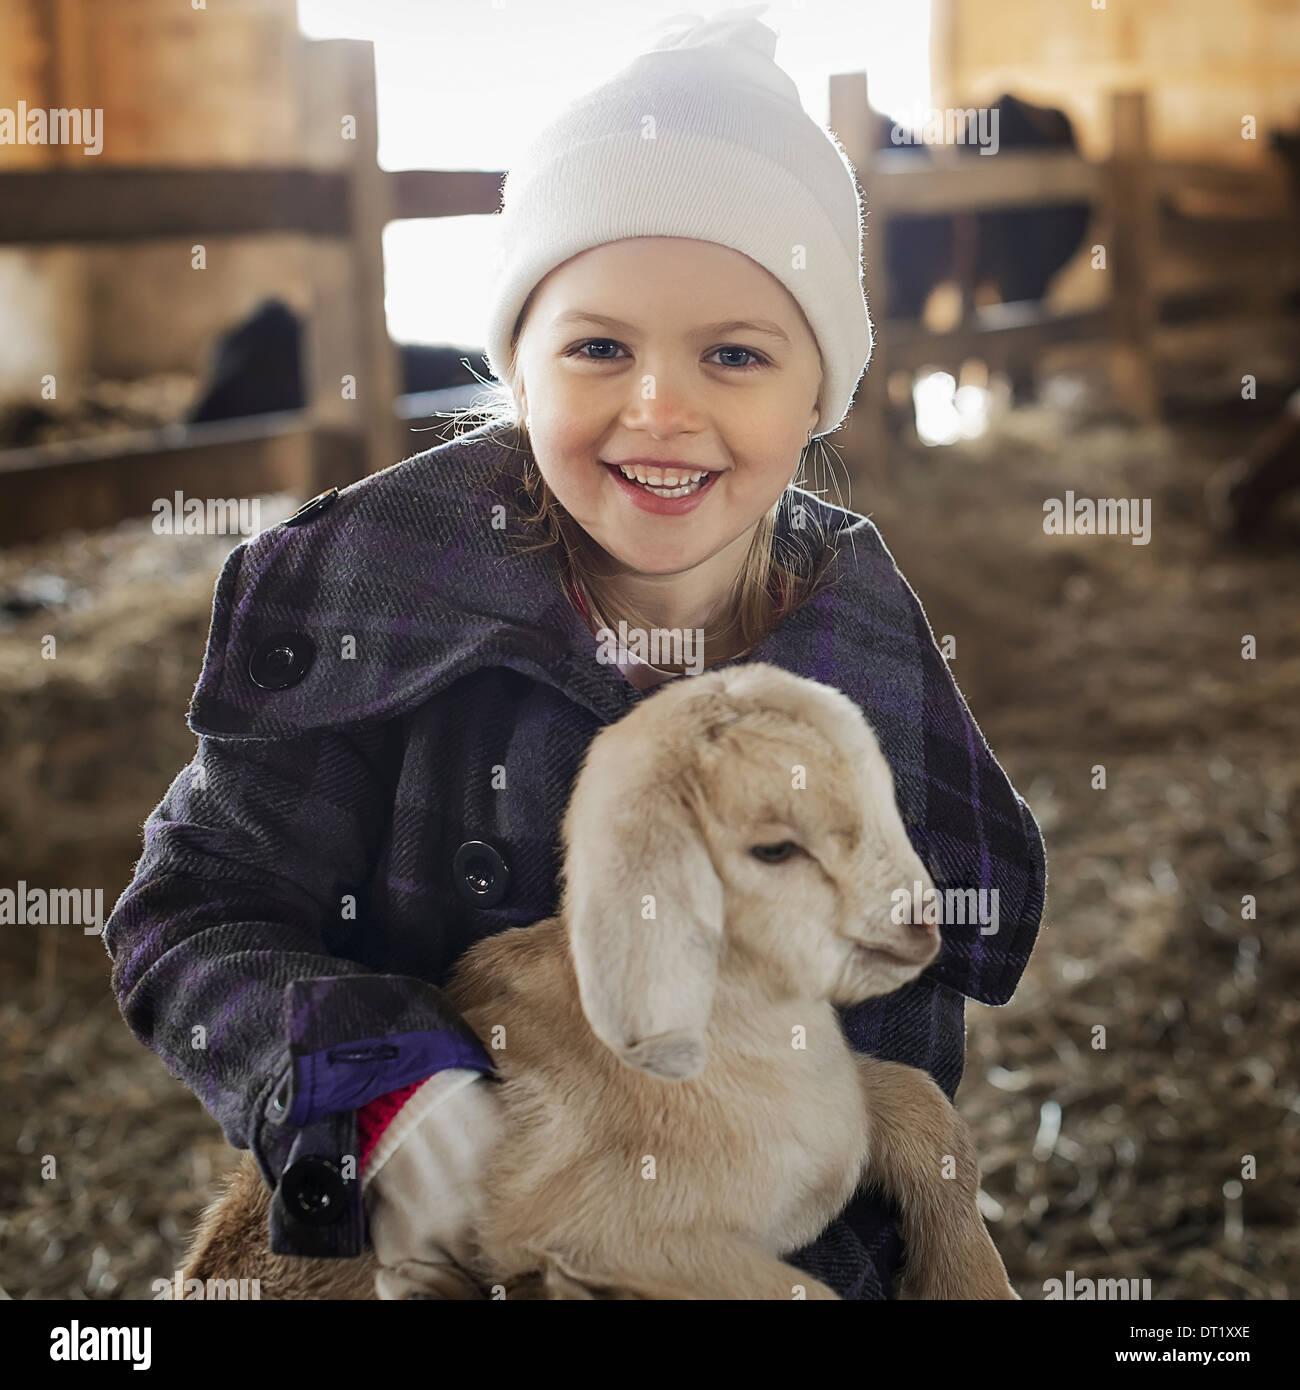 Un niño en el animal derramada holding y acariciar a un bebé de cabra Imagen De Stock